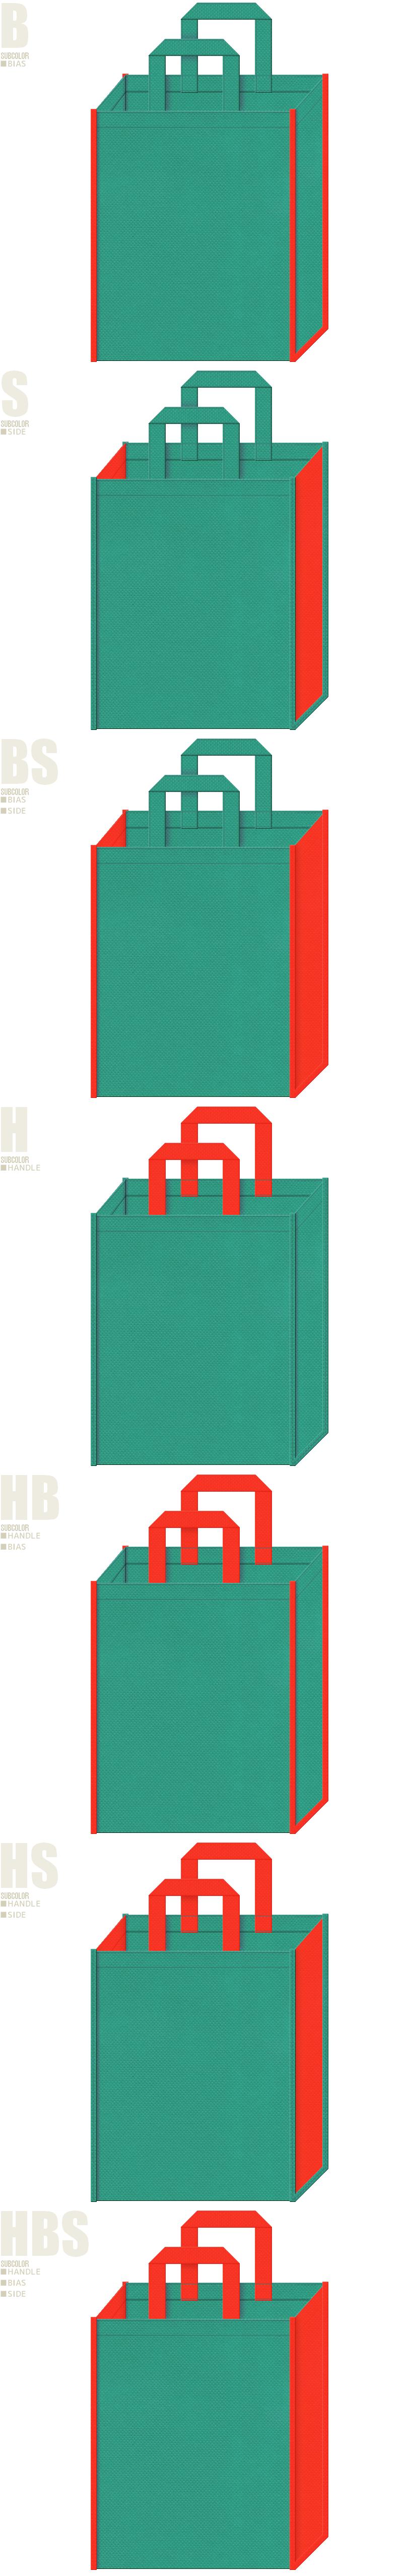 不織布バッグのデザイン:青緑色とオレンジ色の配色7パターン